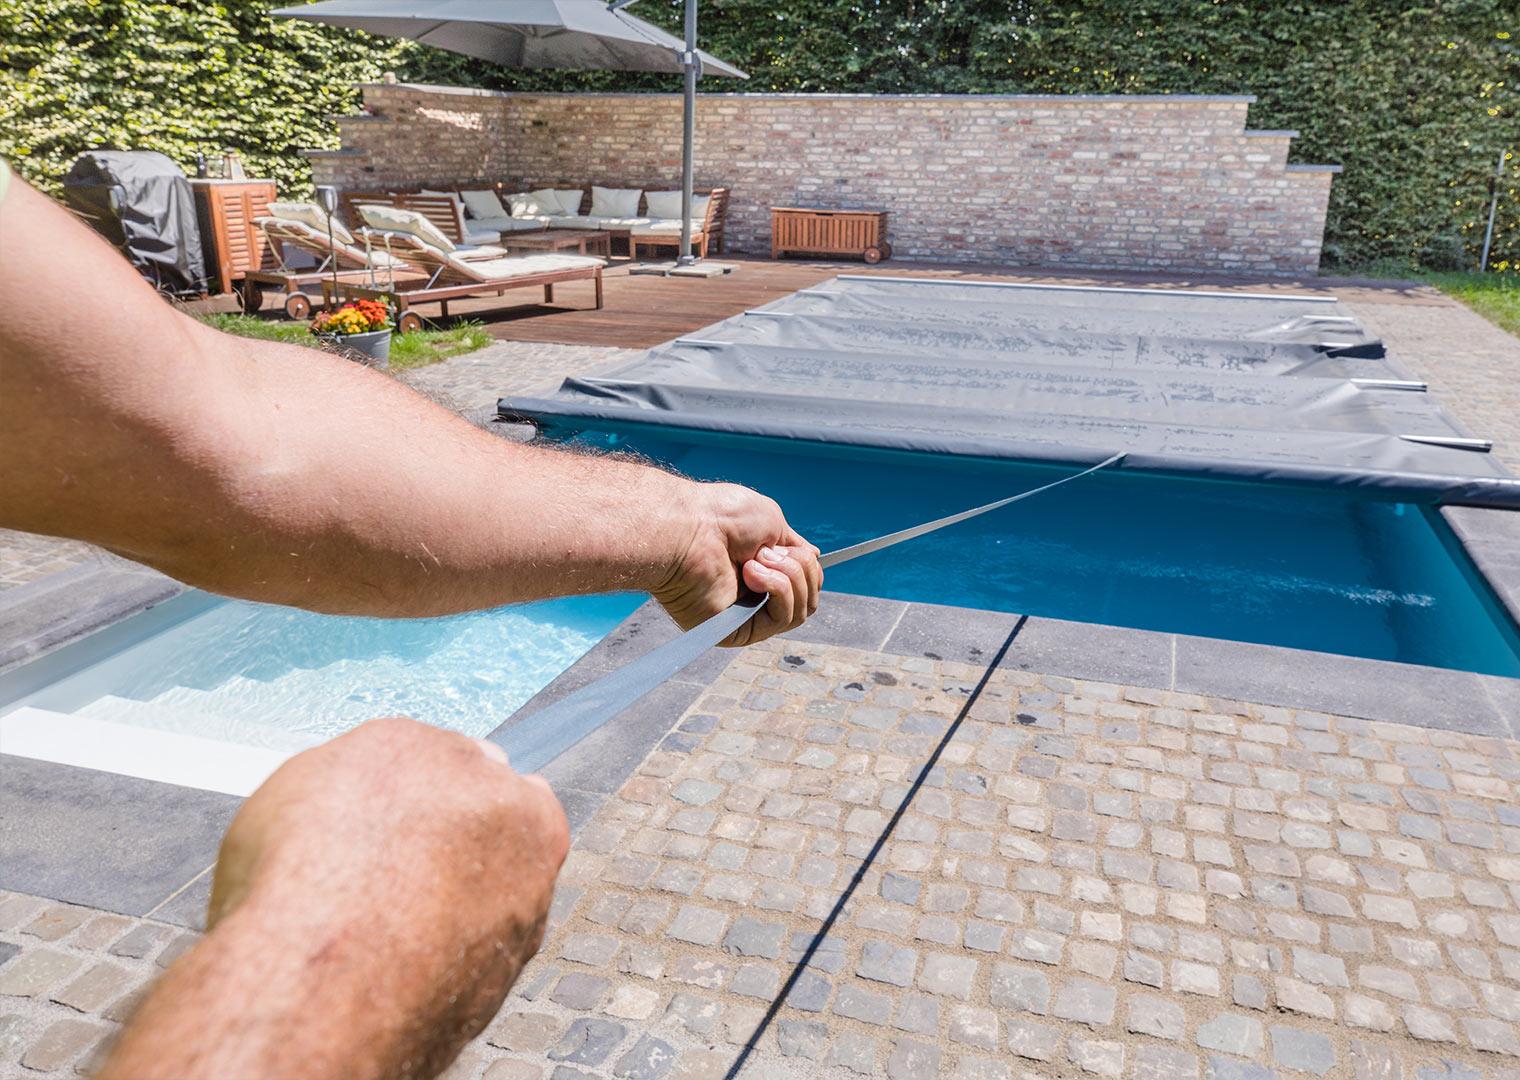 Link zur Bilddatei: roosen_galabau_landschaftsbau_viersen_referenzen_swimmingpool_galerielbild_02